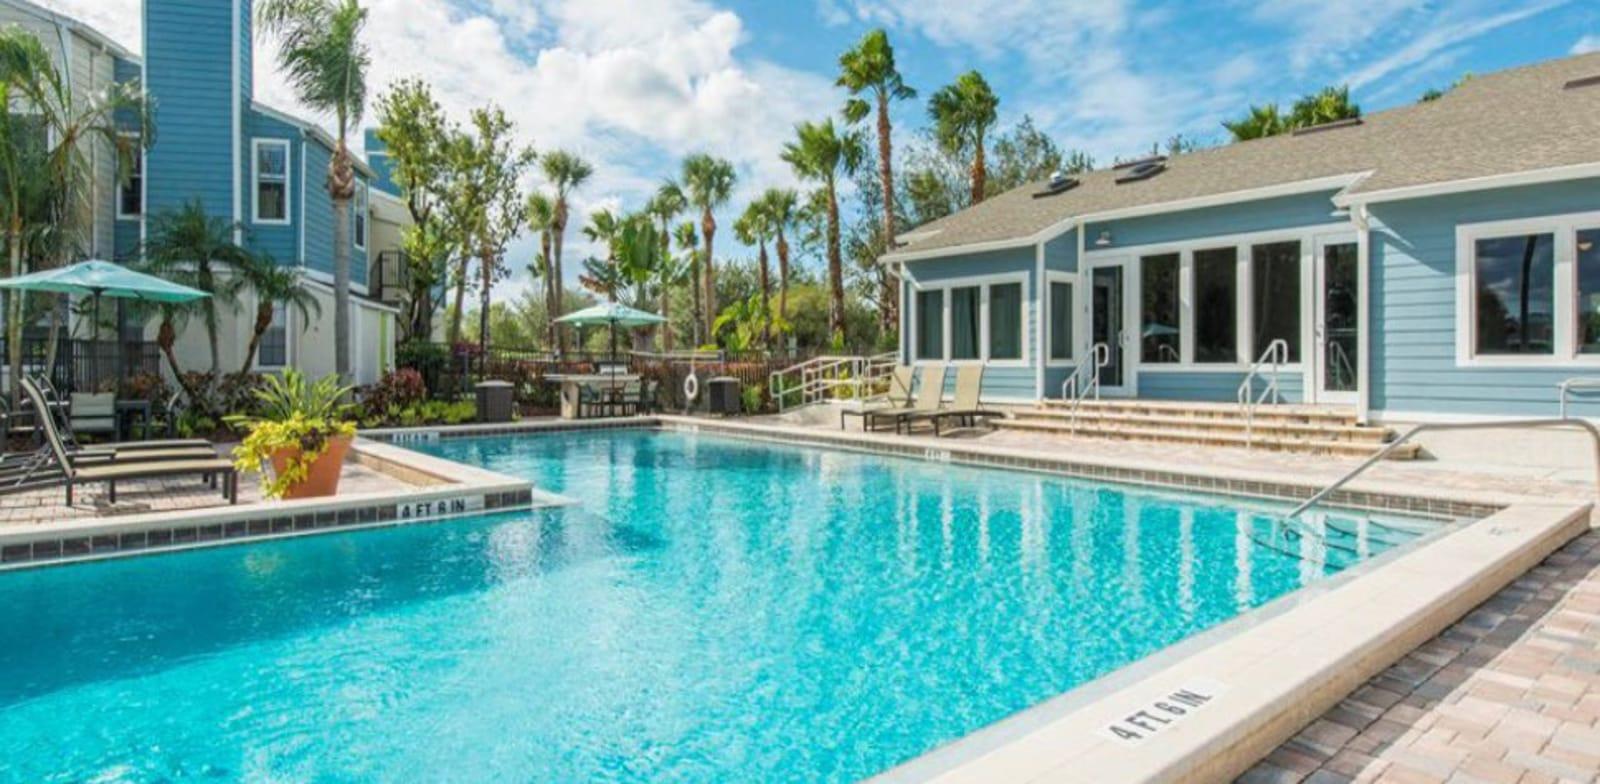 """נכס של אלקטרה נדל""""ן בטמפה, פלורידה. """"הזדמנות  לשפר עמדות"""" / צילום: יח""""צ"""